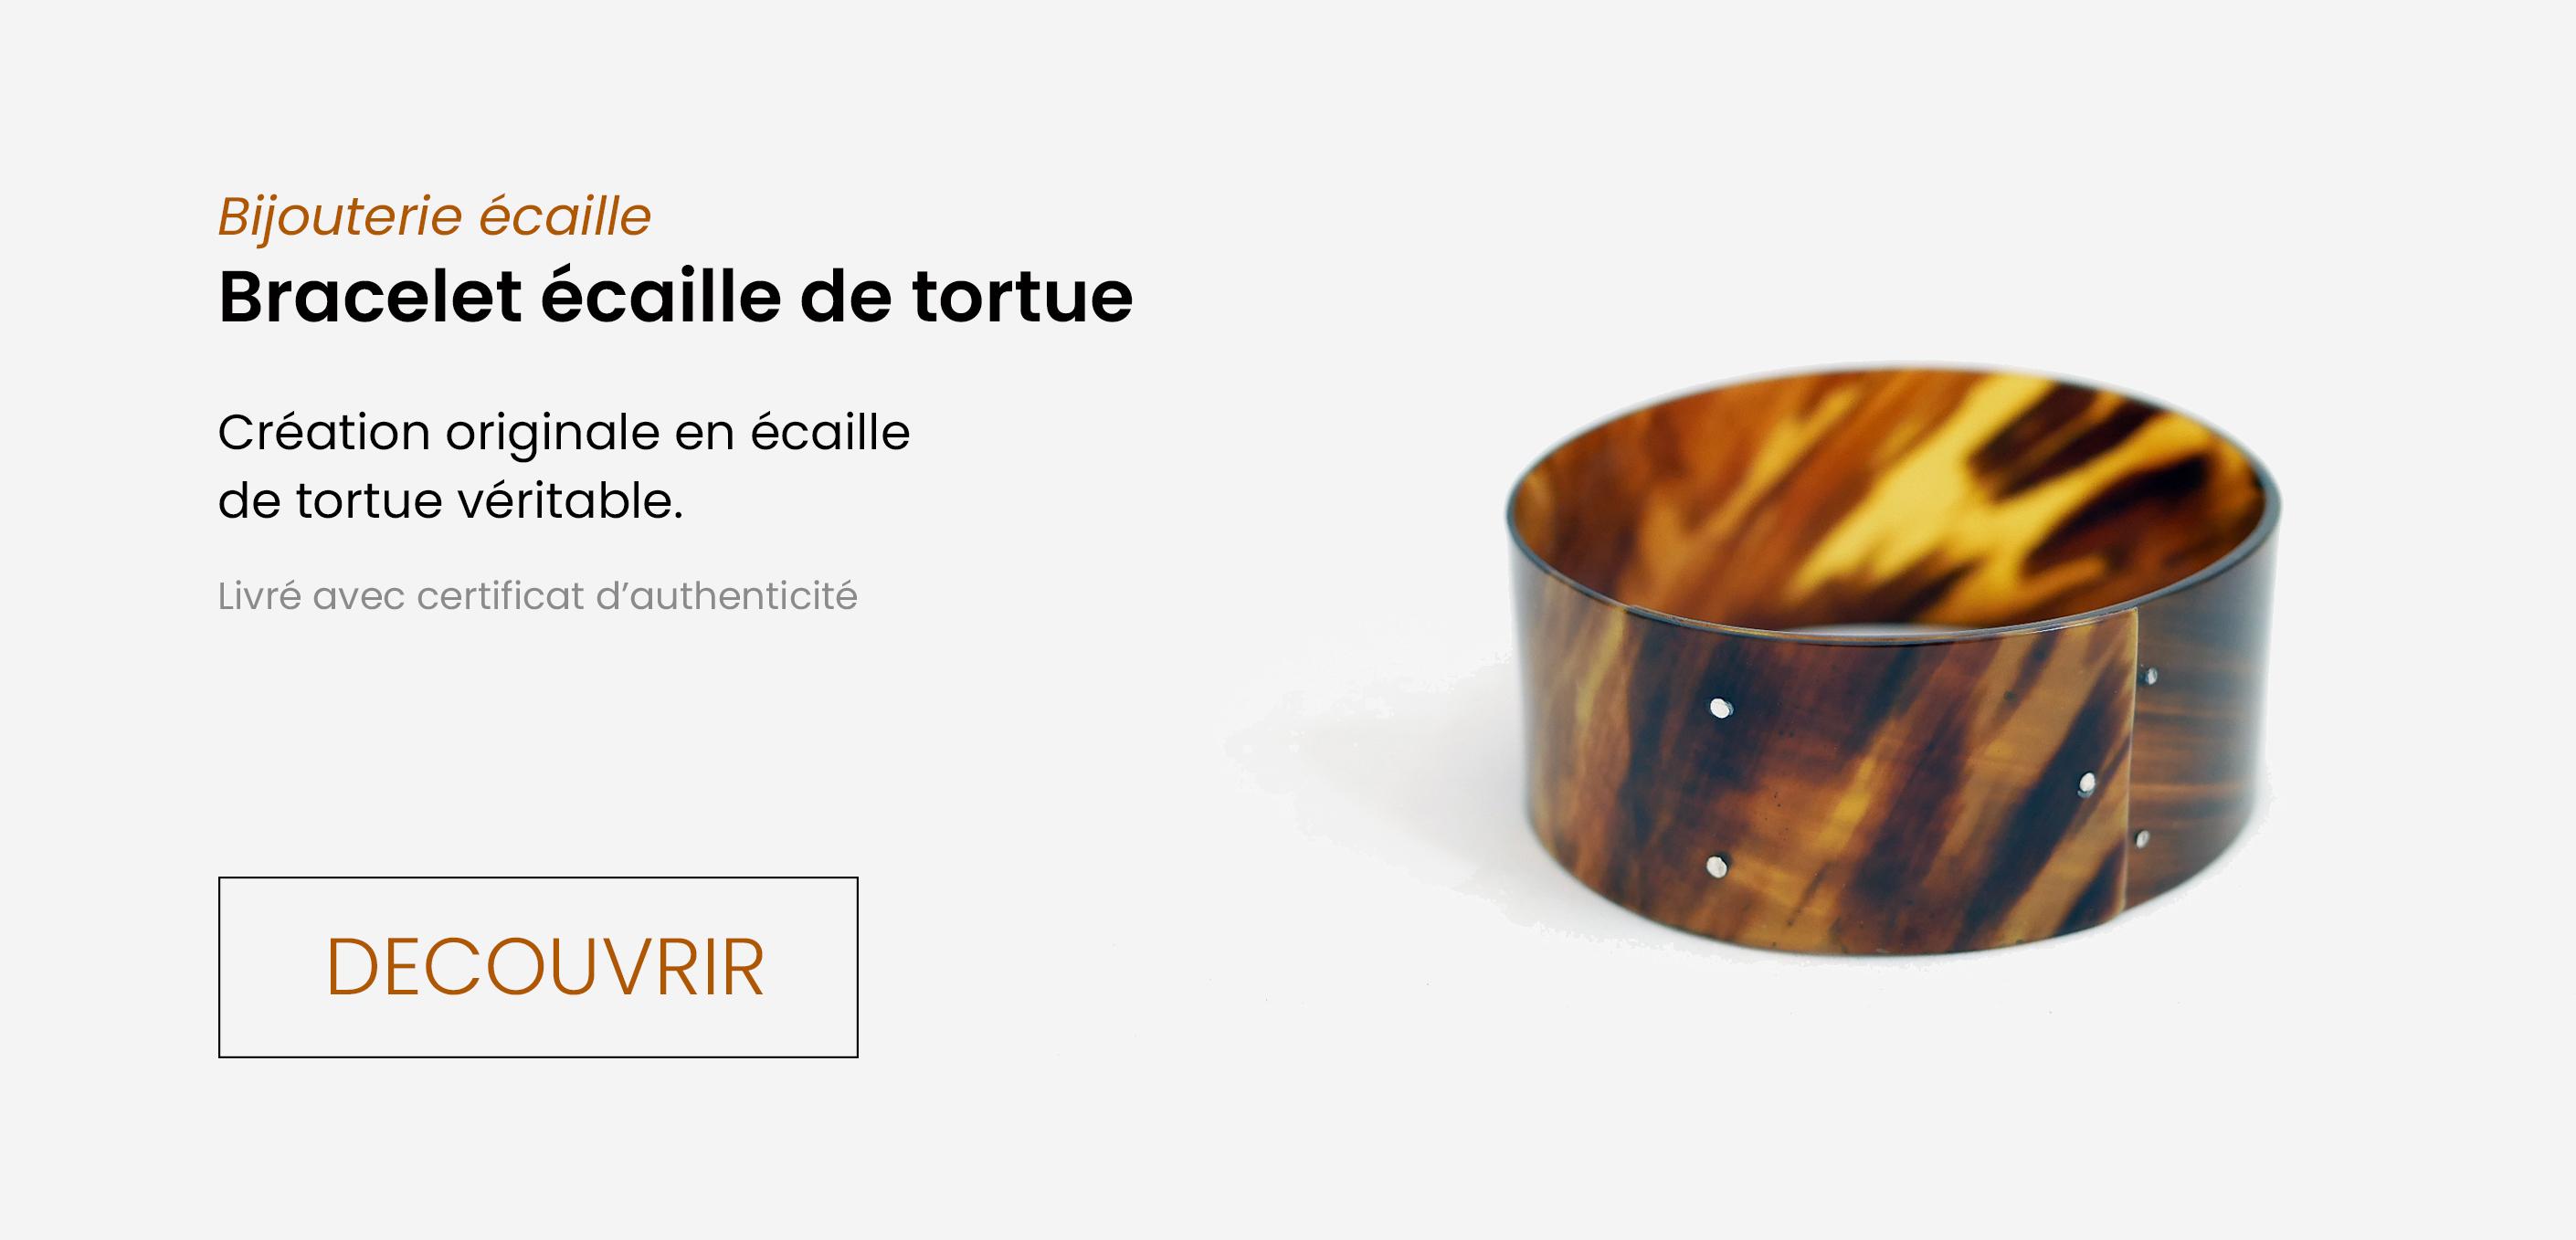 Bijouterie écaille : bracelet écaille de tortue, création originale en écaille de tortue véritable, livré avec certificat d'authenticité